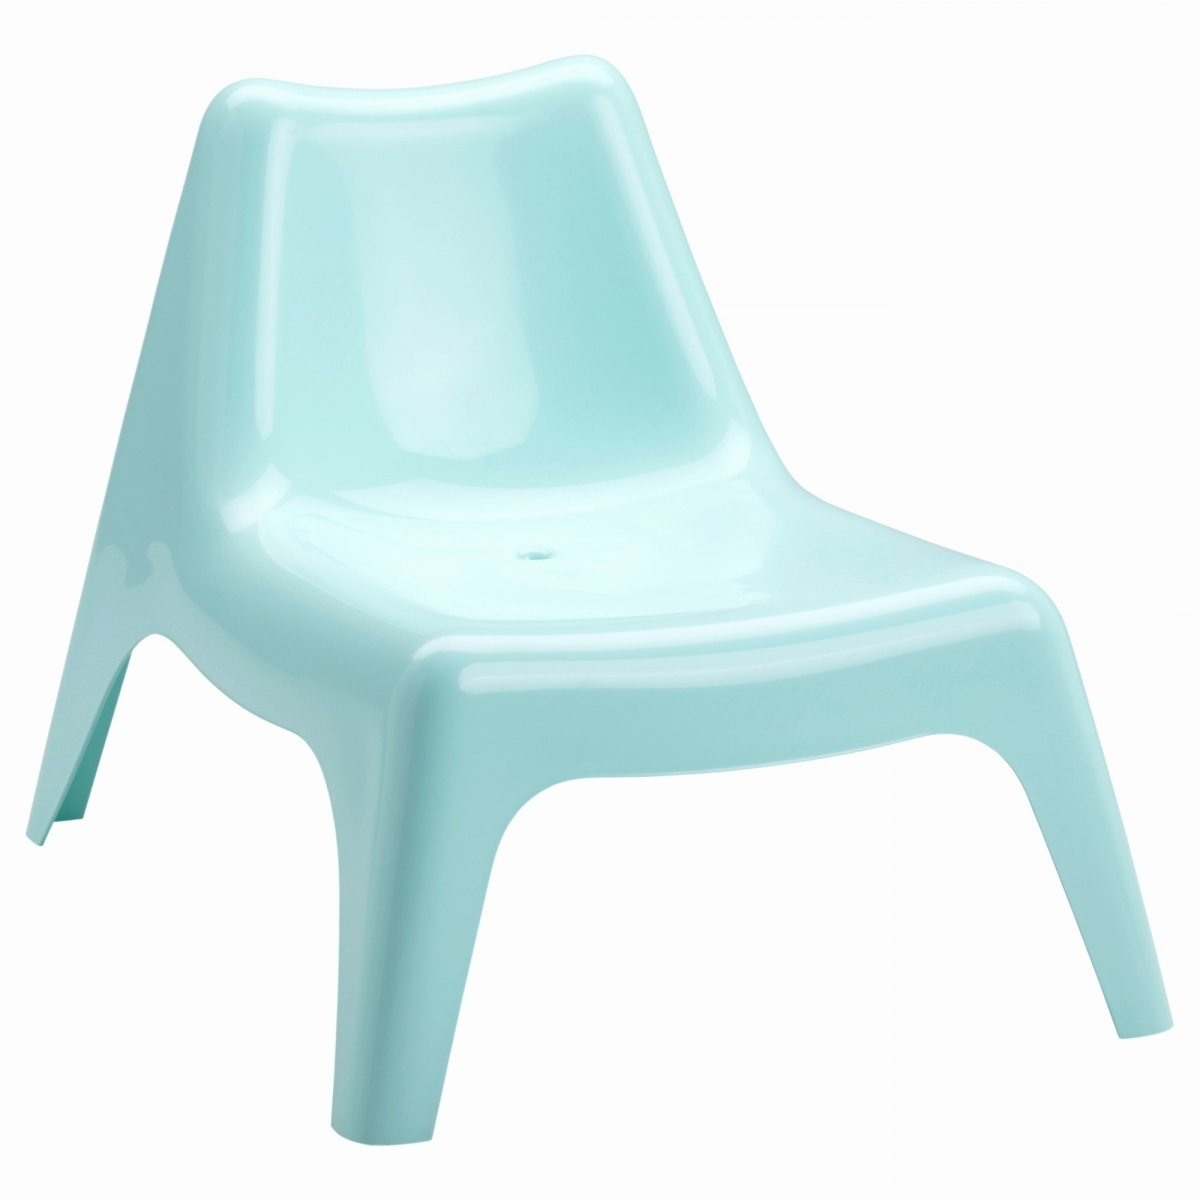 Fauteuil Jardin Chaise De Ikea D'occasion 8Wnnm0 pour Chaises De Jardin Ikea